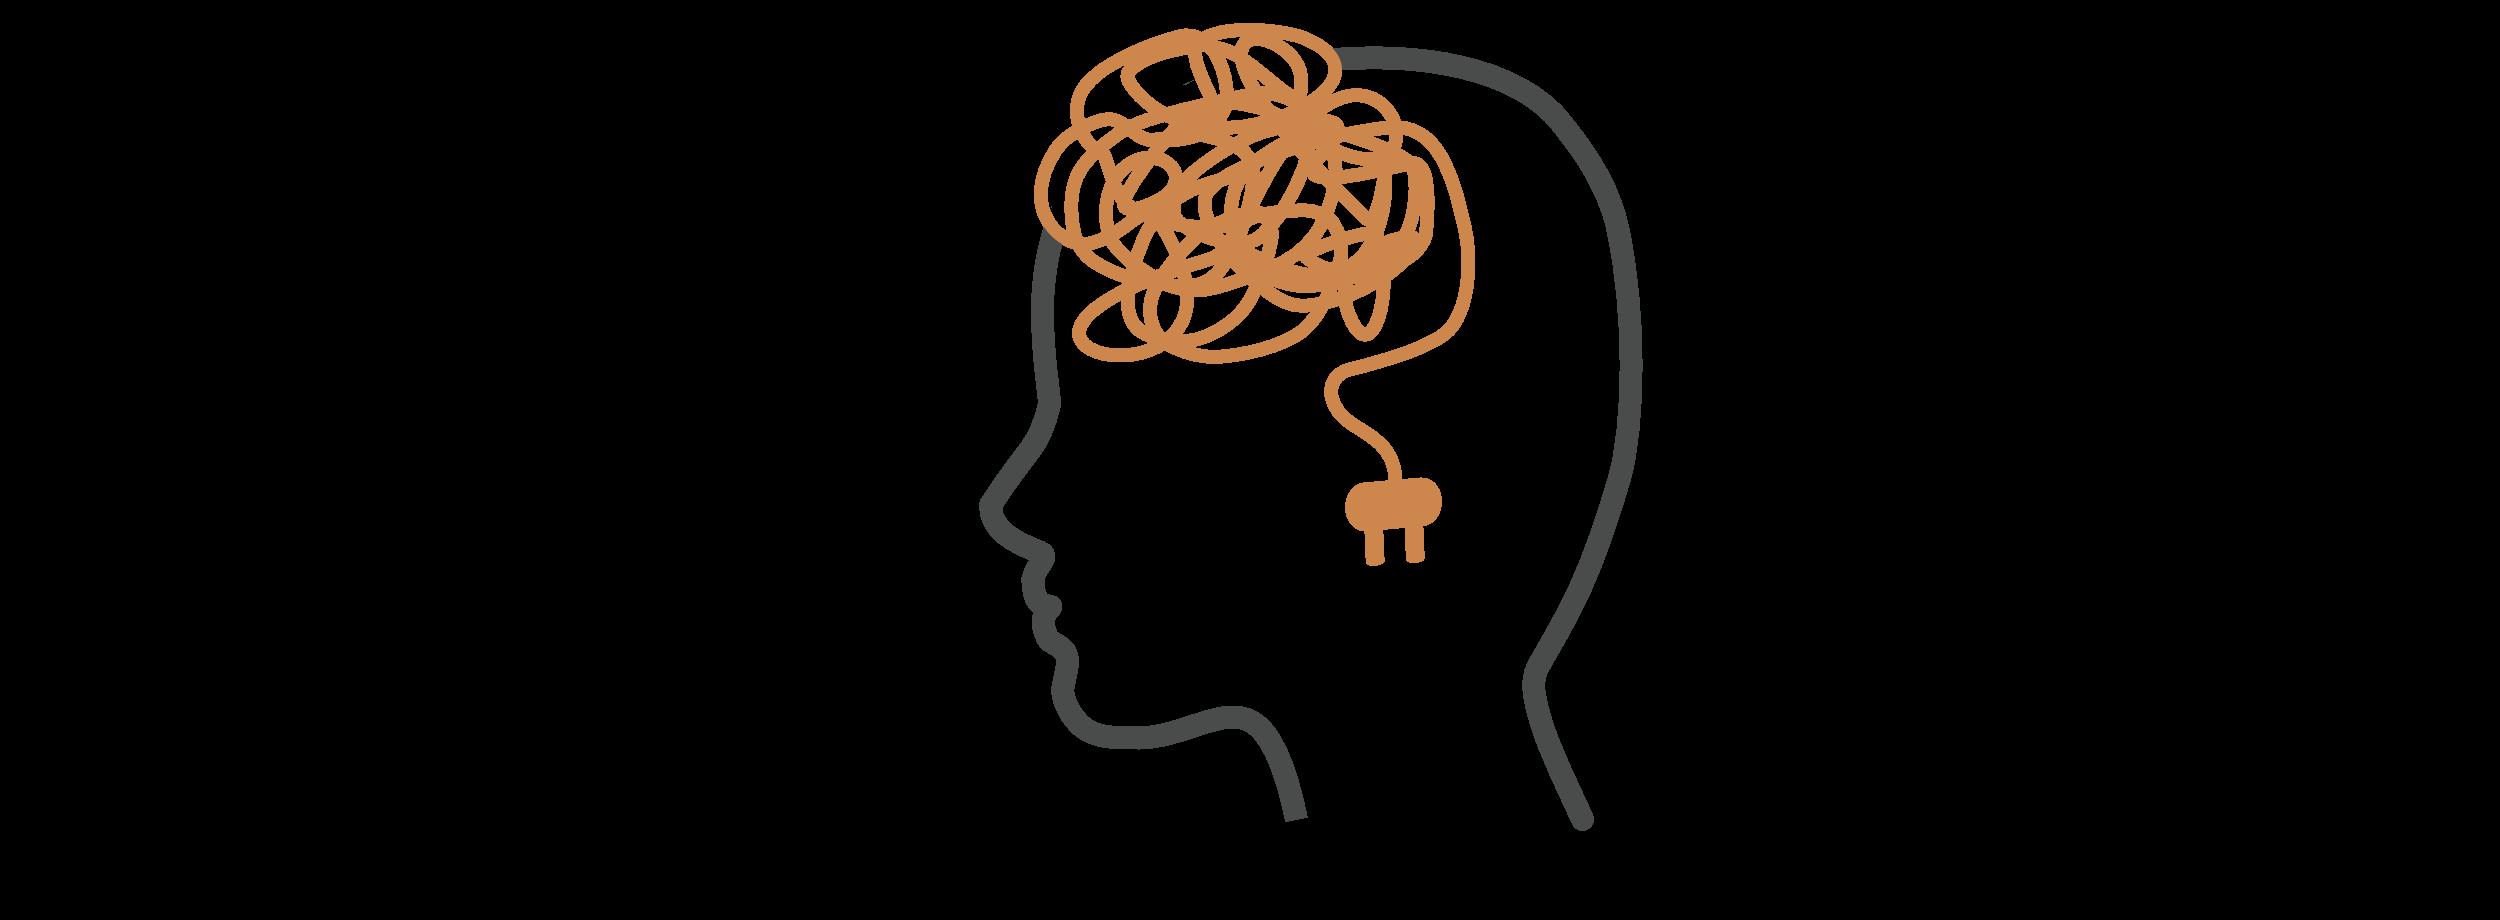 problématique psychologique somatisme noeuds mécanismes inconscient comportementaux